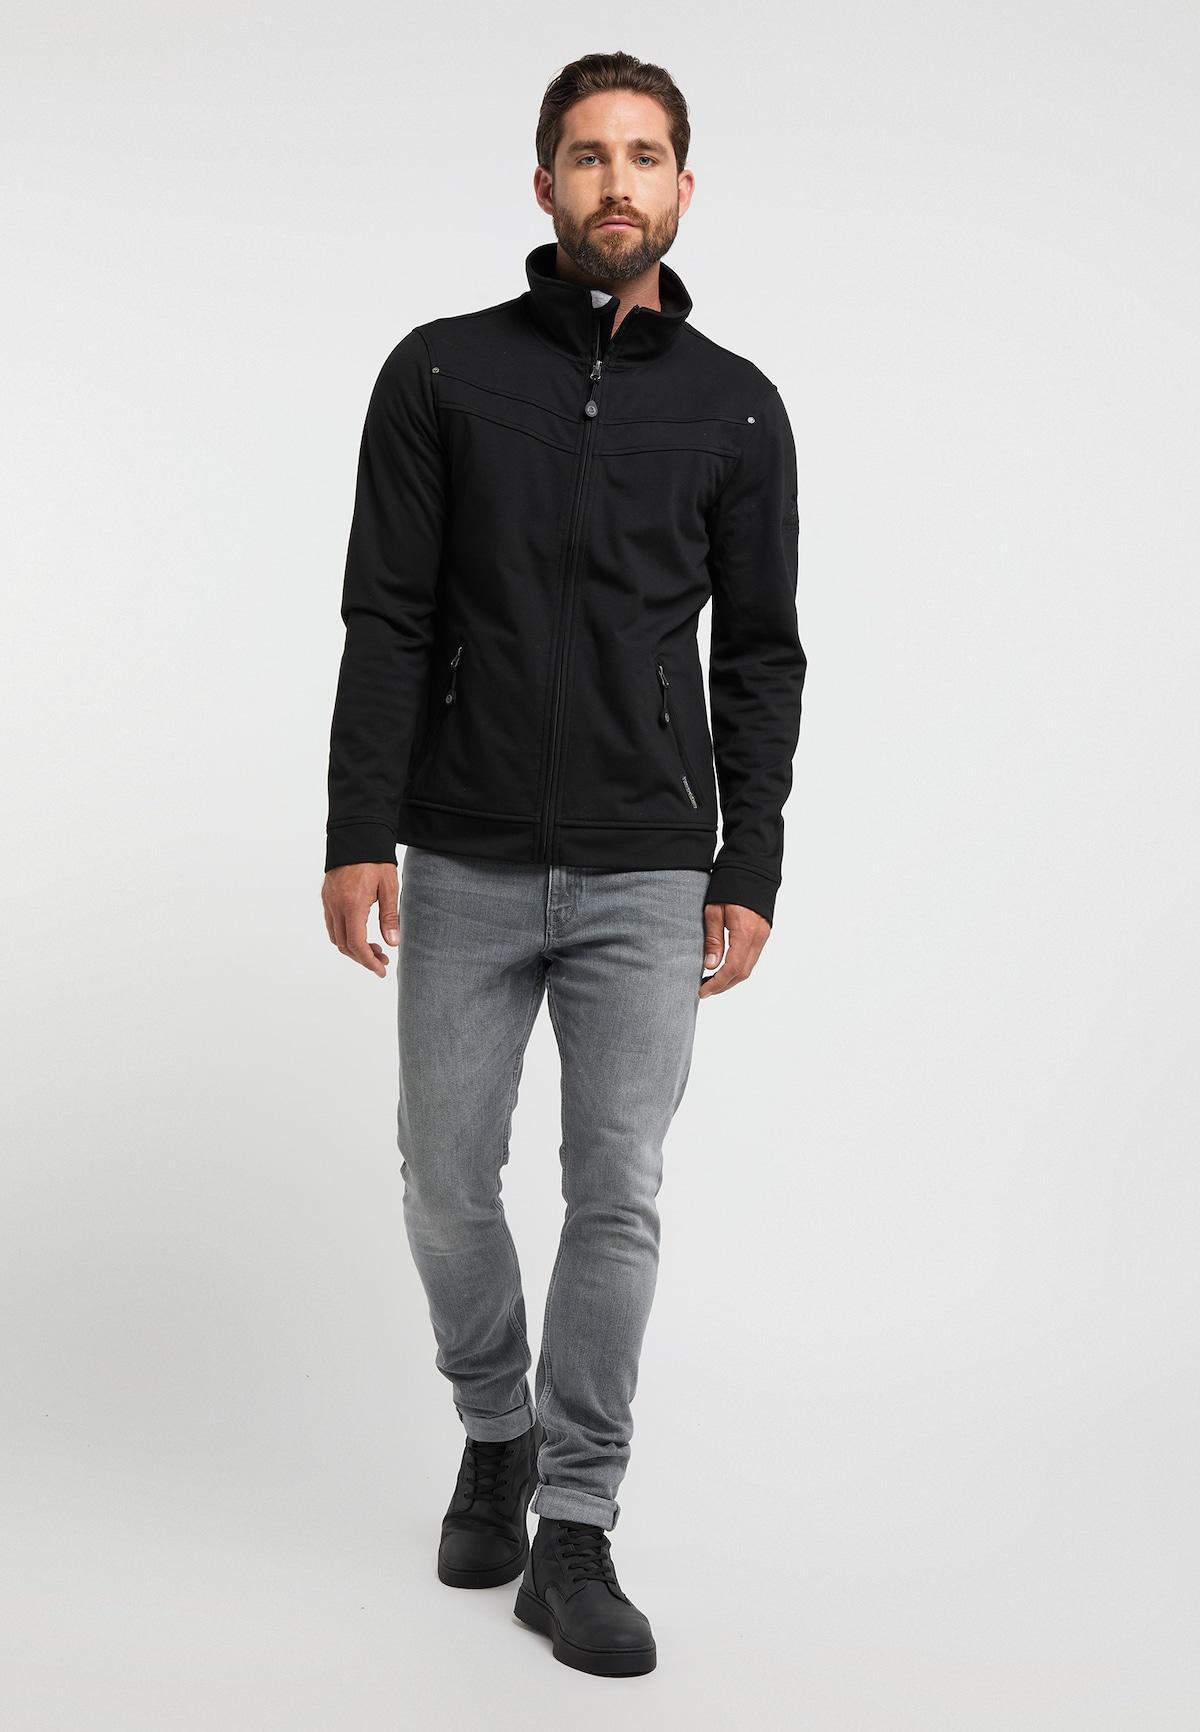 Bestbewertet Männer Bekleidung Schmuddelwedda Anorak in schwarz Verkaufsschlager